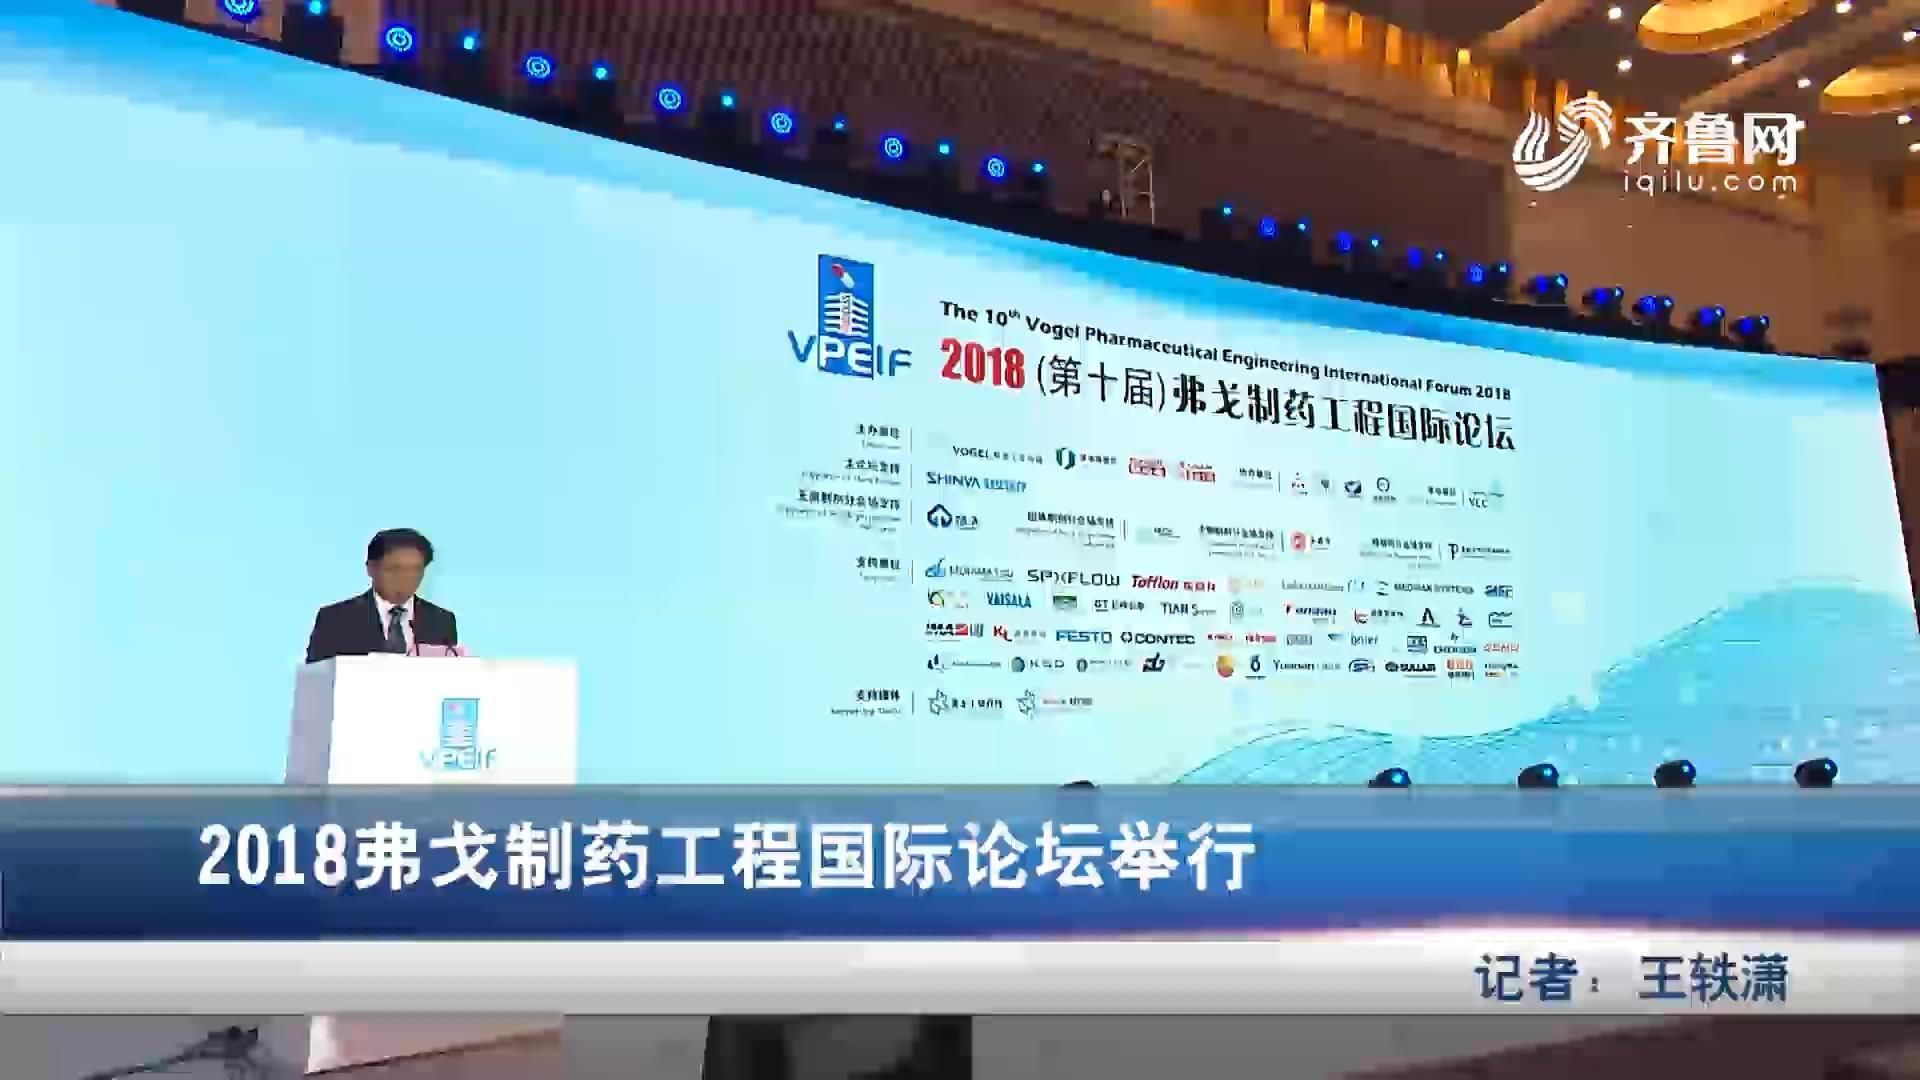 2018弗戈制药工程国际论坛举行